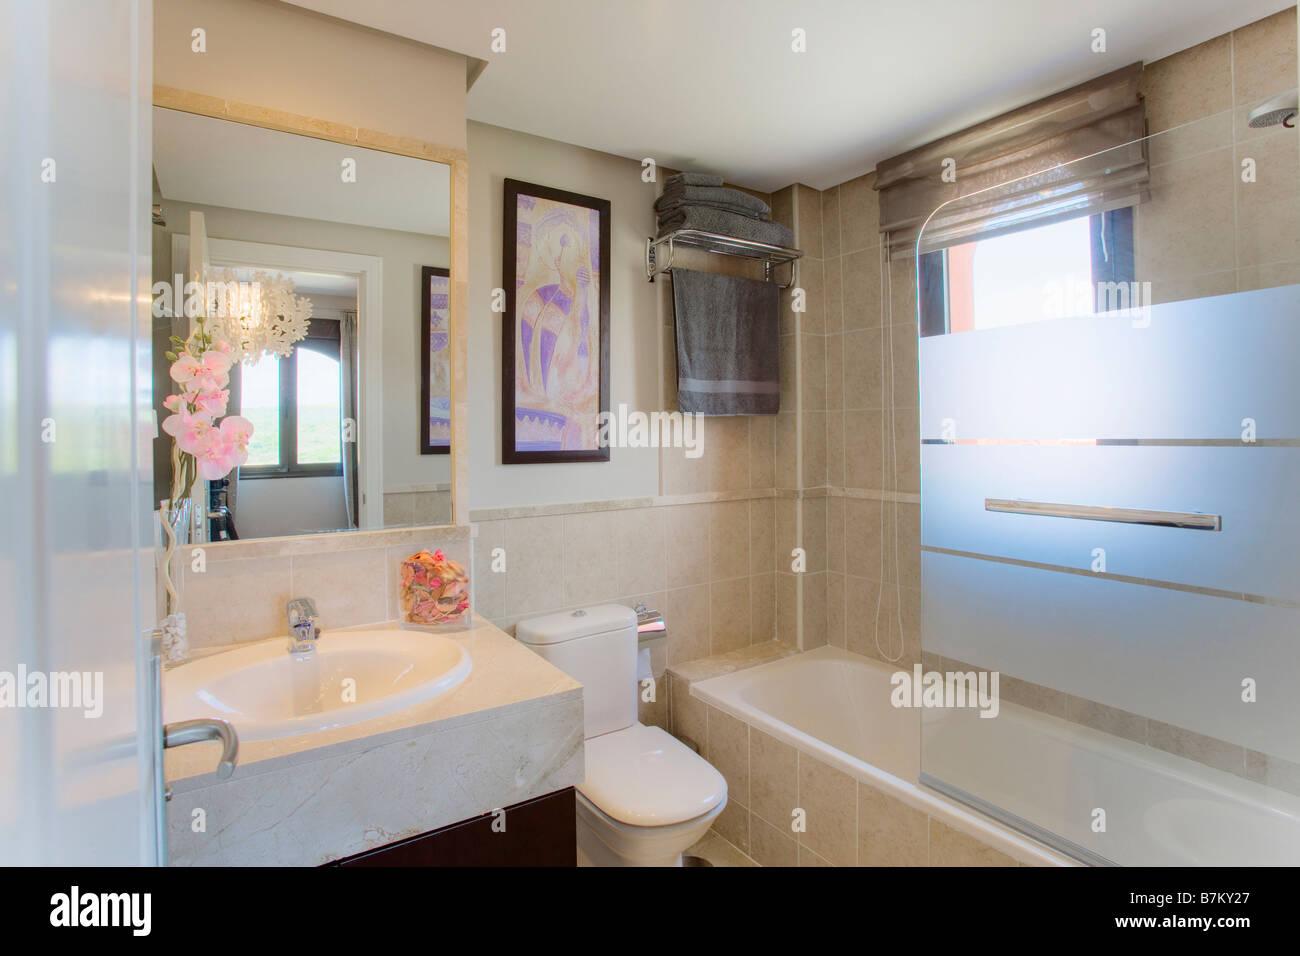 Petite salle de bains moderne avec lavabo et miroir au ...